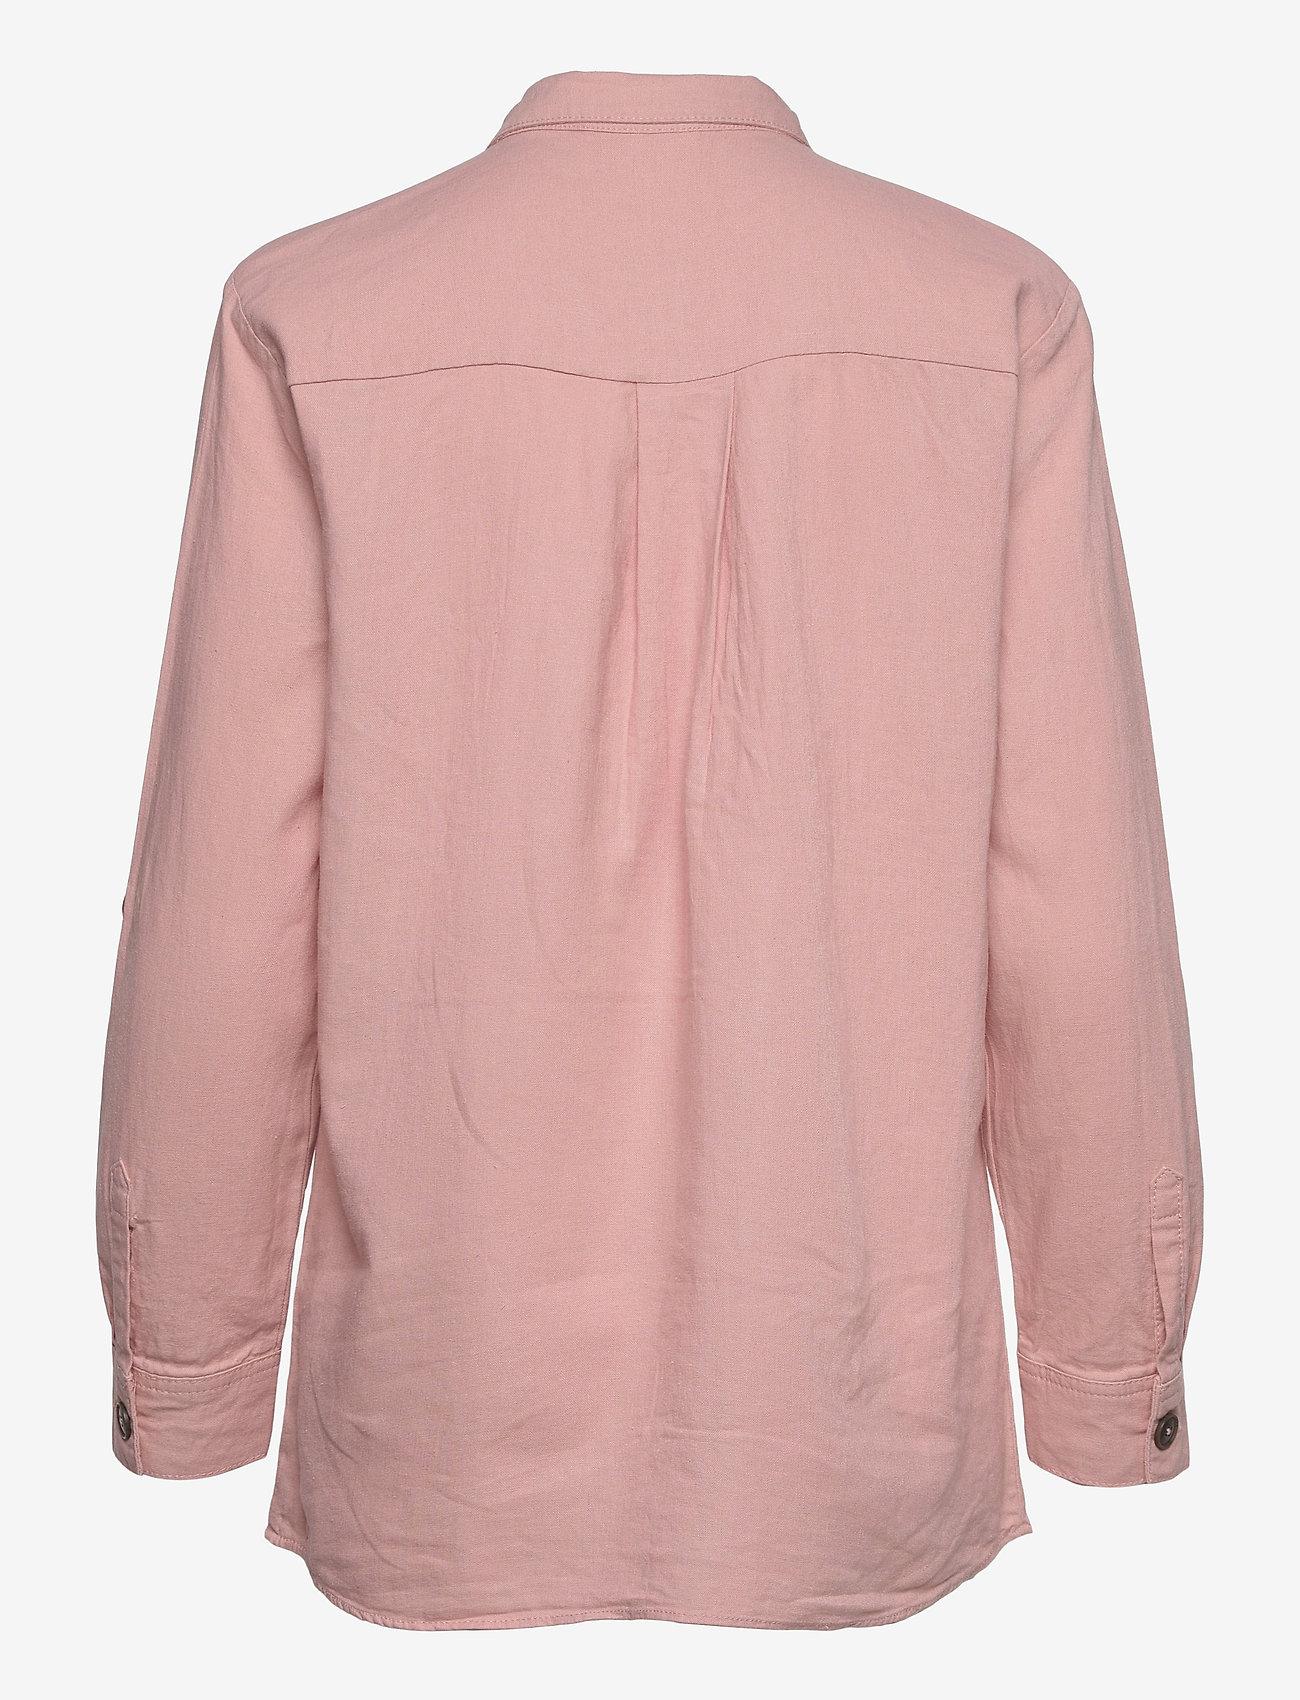 FREE/QUENT - FQLAVA-SH - langærmede skjorter - silver pink - 1